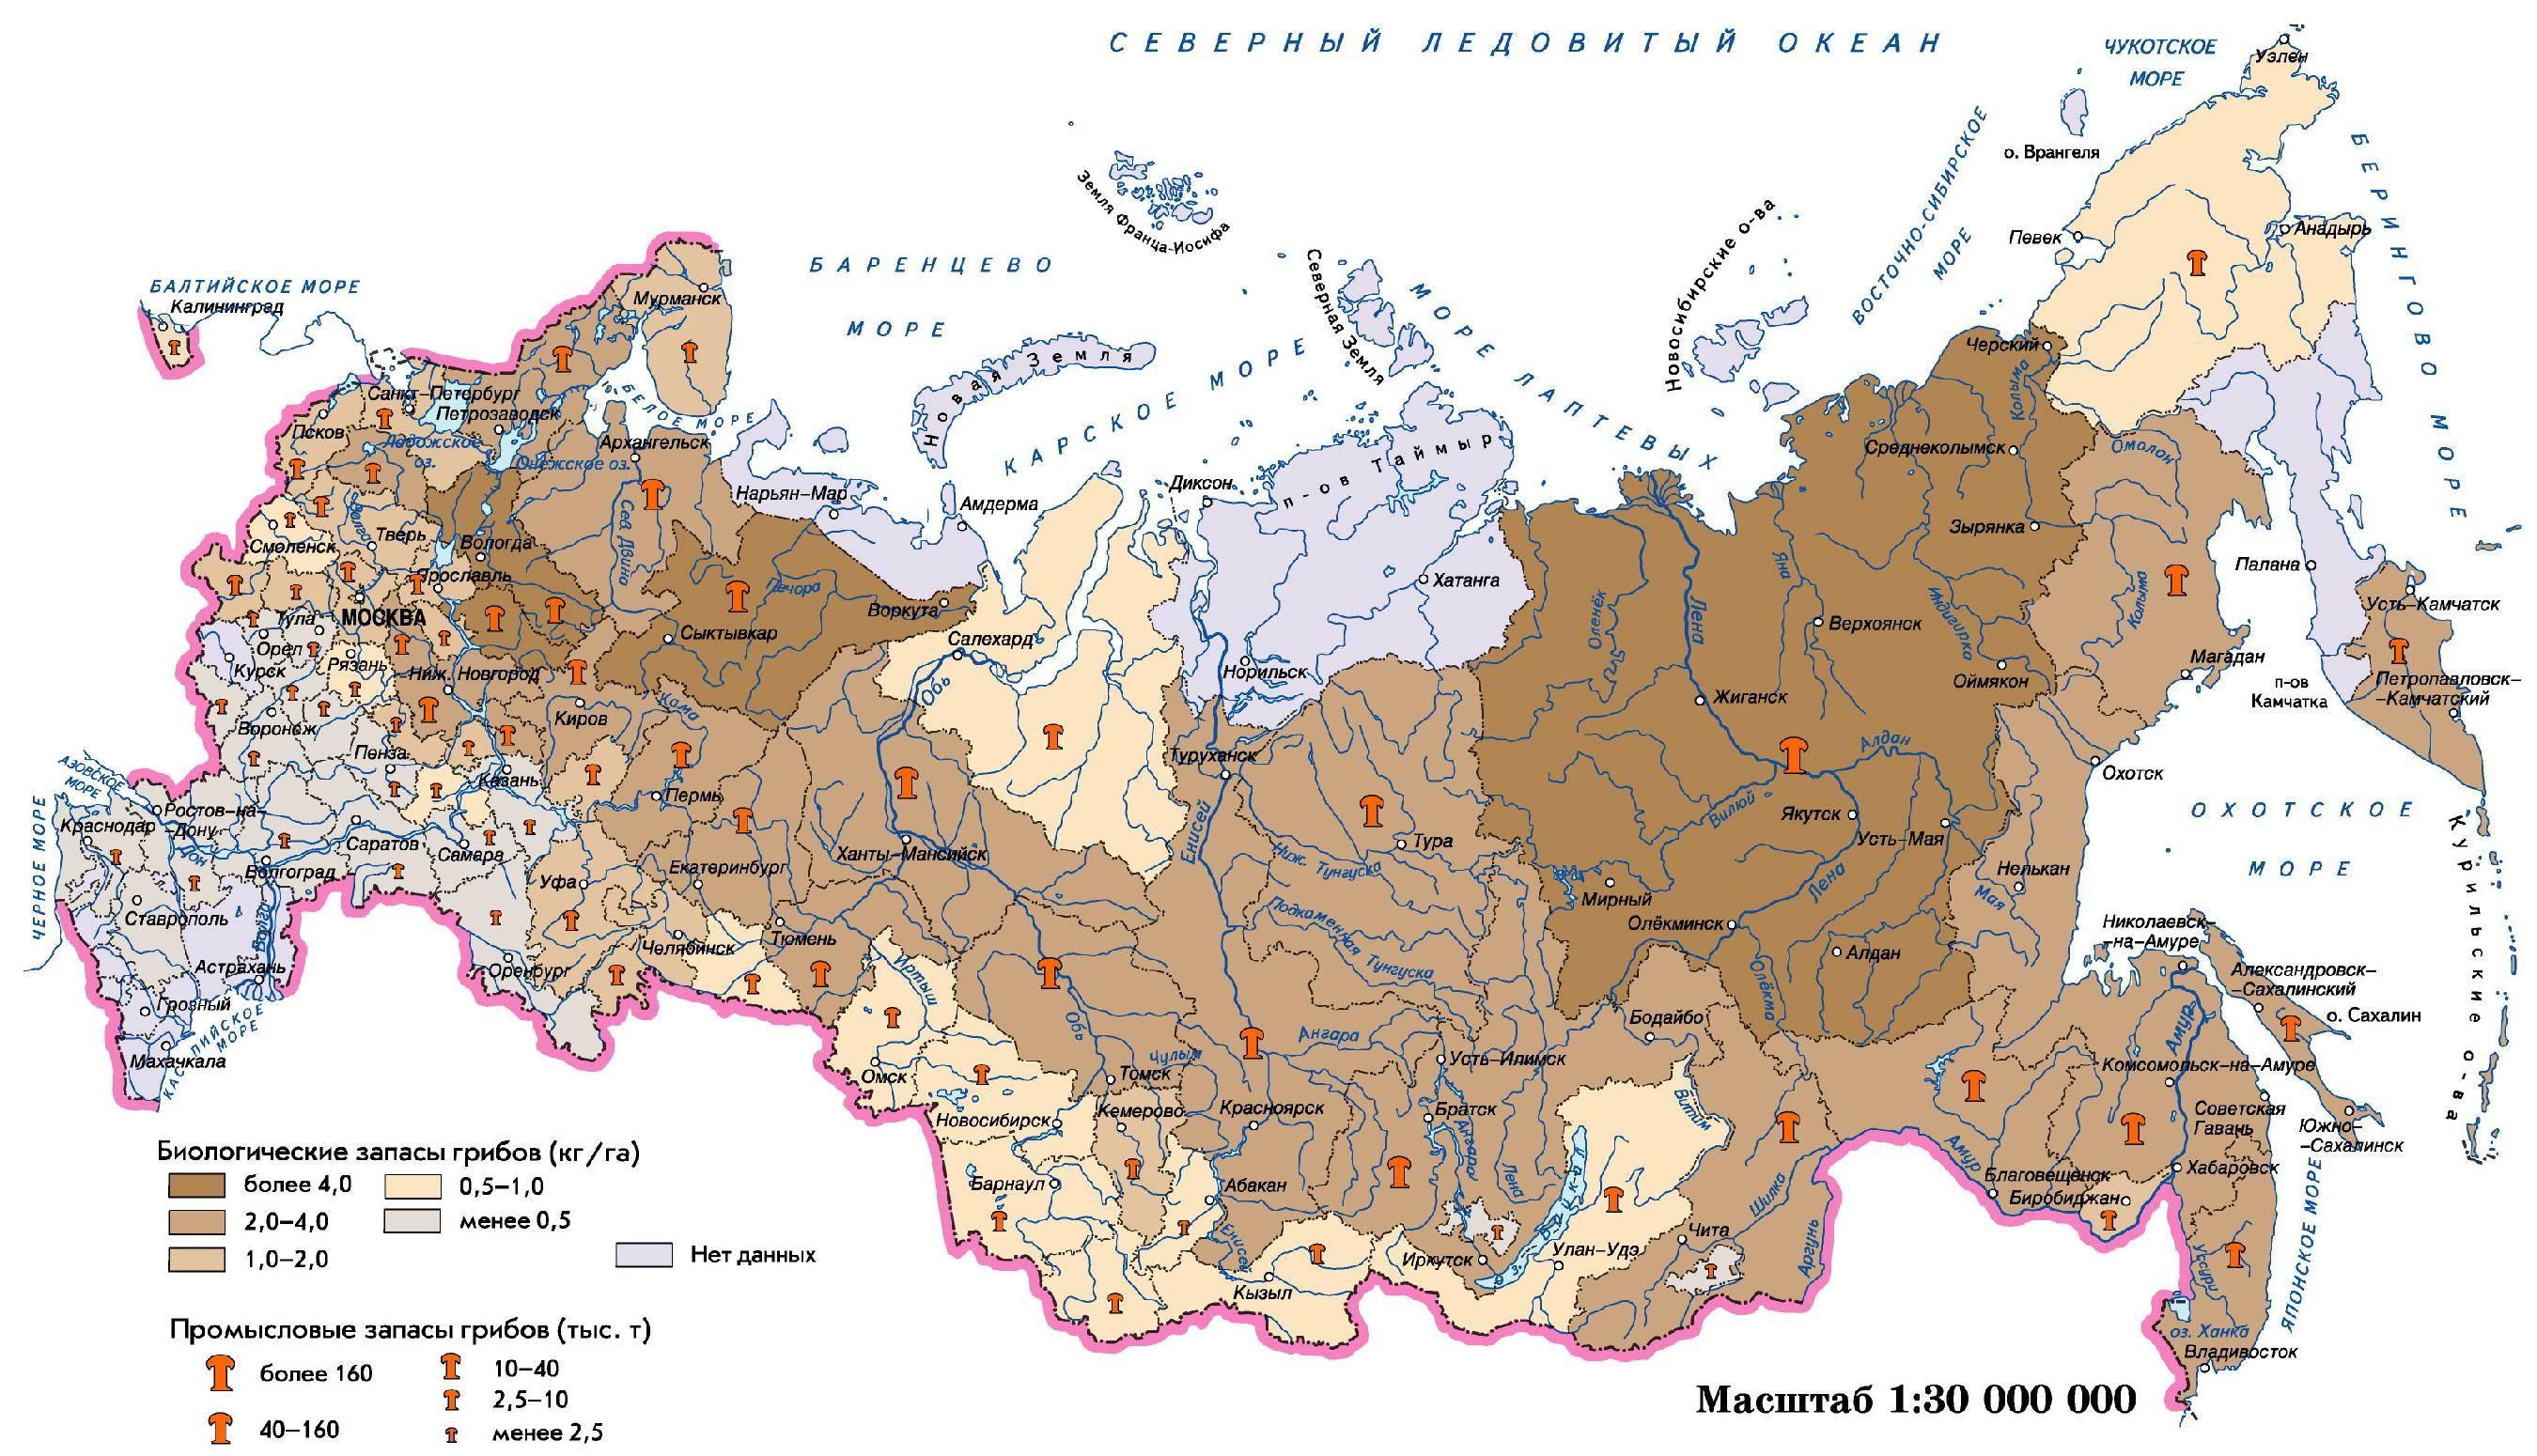 Грибы вологодской области в 2020 году: лучшие места и сезон сбора